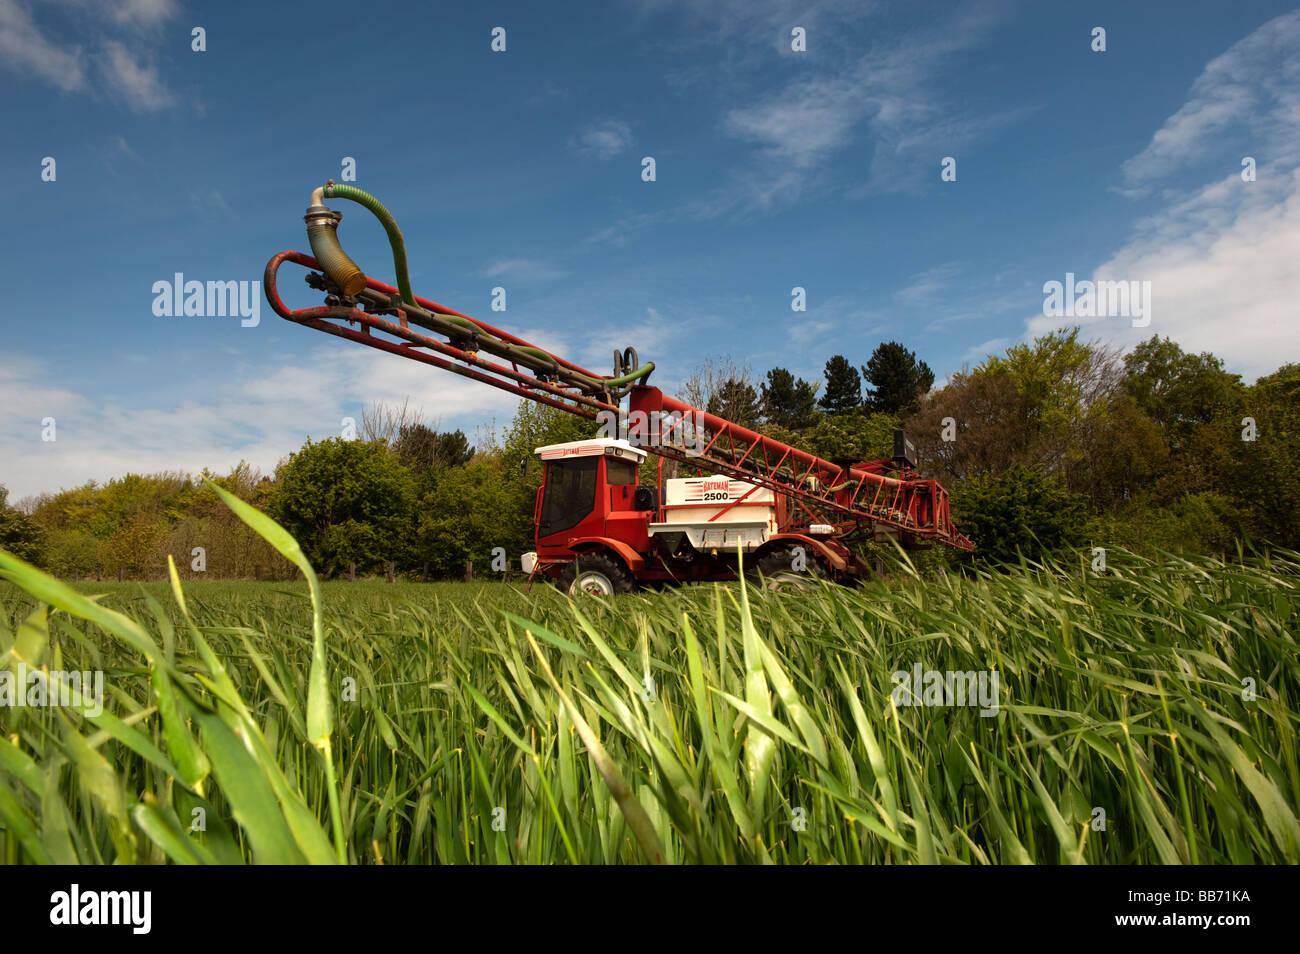 Bateman irroratrice semovente ottenere pronto a spruzzare il grano raccolto con un fungicida Durham Immagini Stock